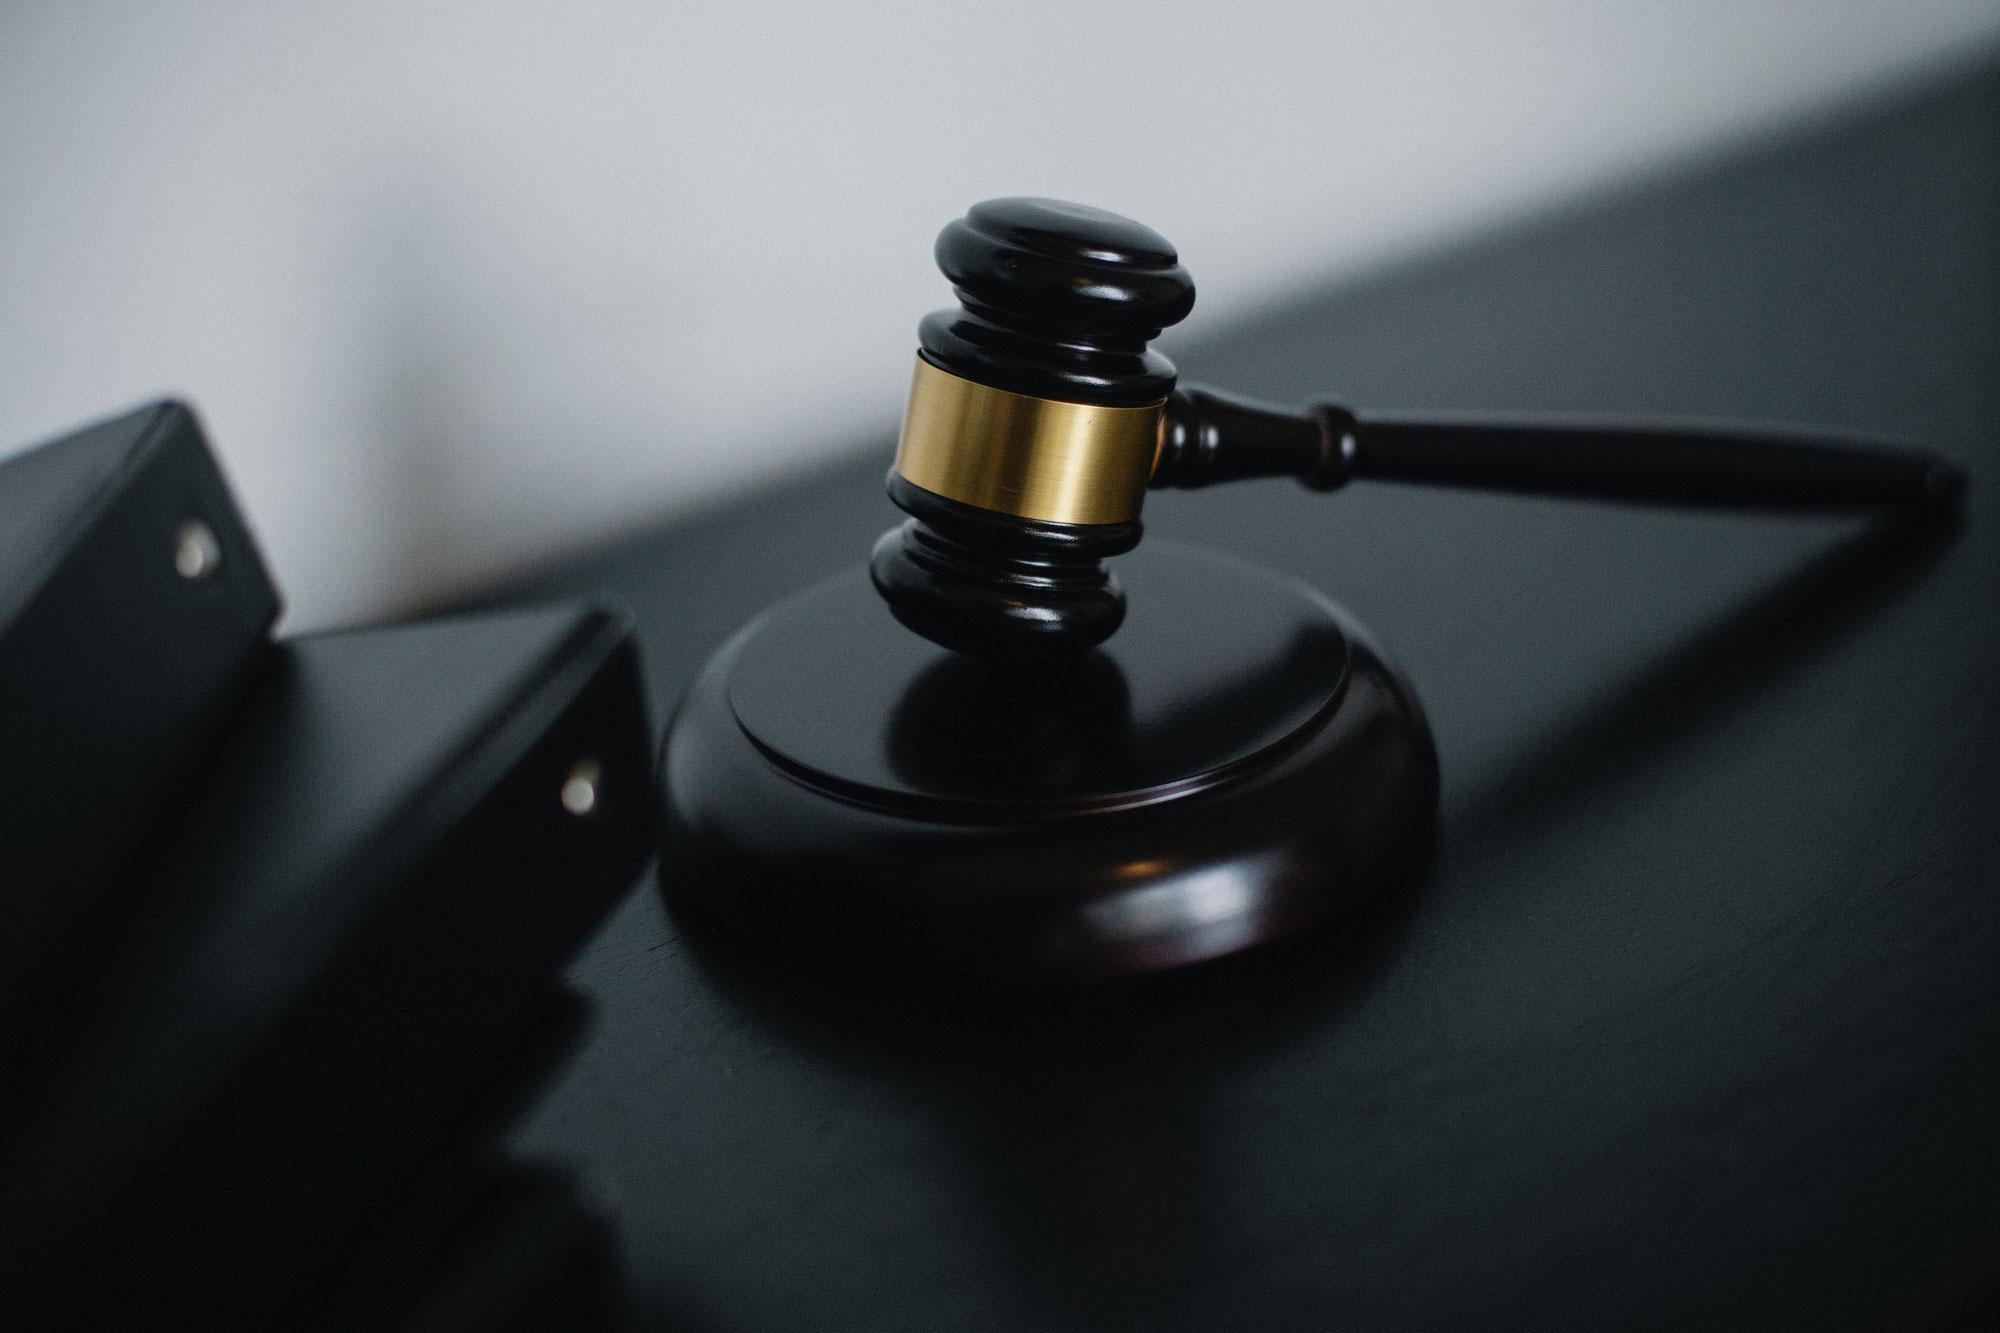 BVwG senkt Geldstrafe um 50 Prozent